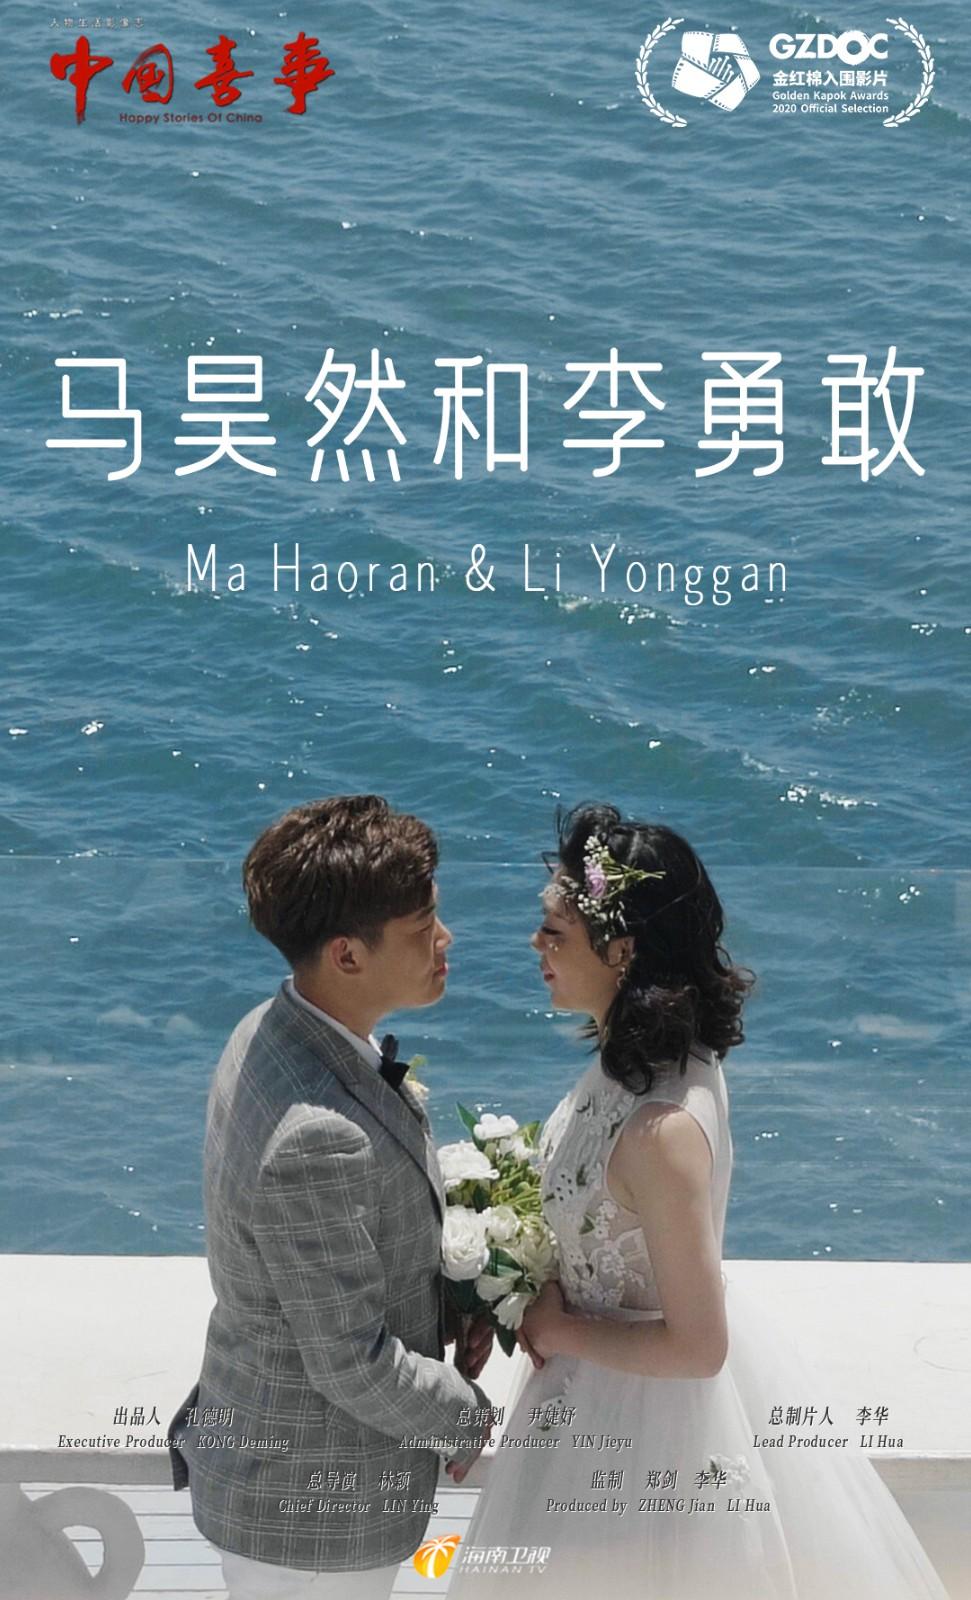 《中国喜事-马昊然和李勇敢》竖版海报.jpg